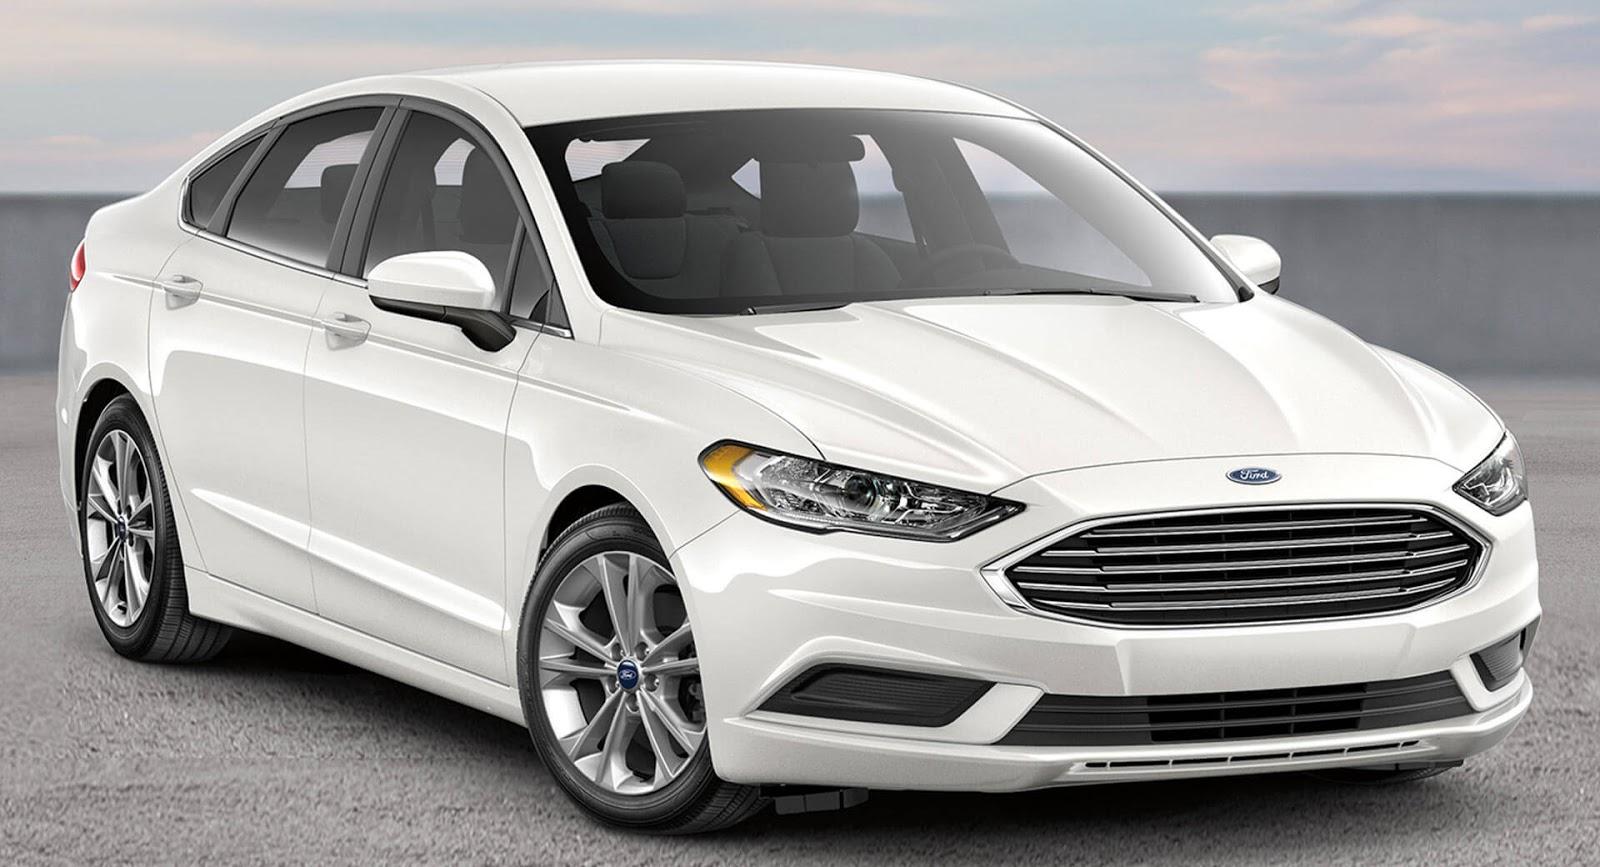 Седан Форд Mondeo может получить коренные изменения вдизайне в 2020